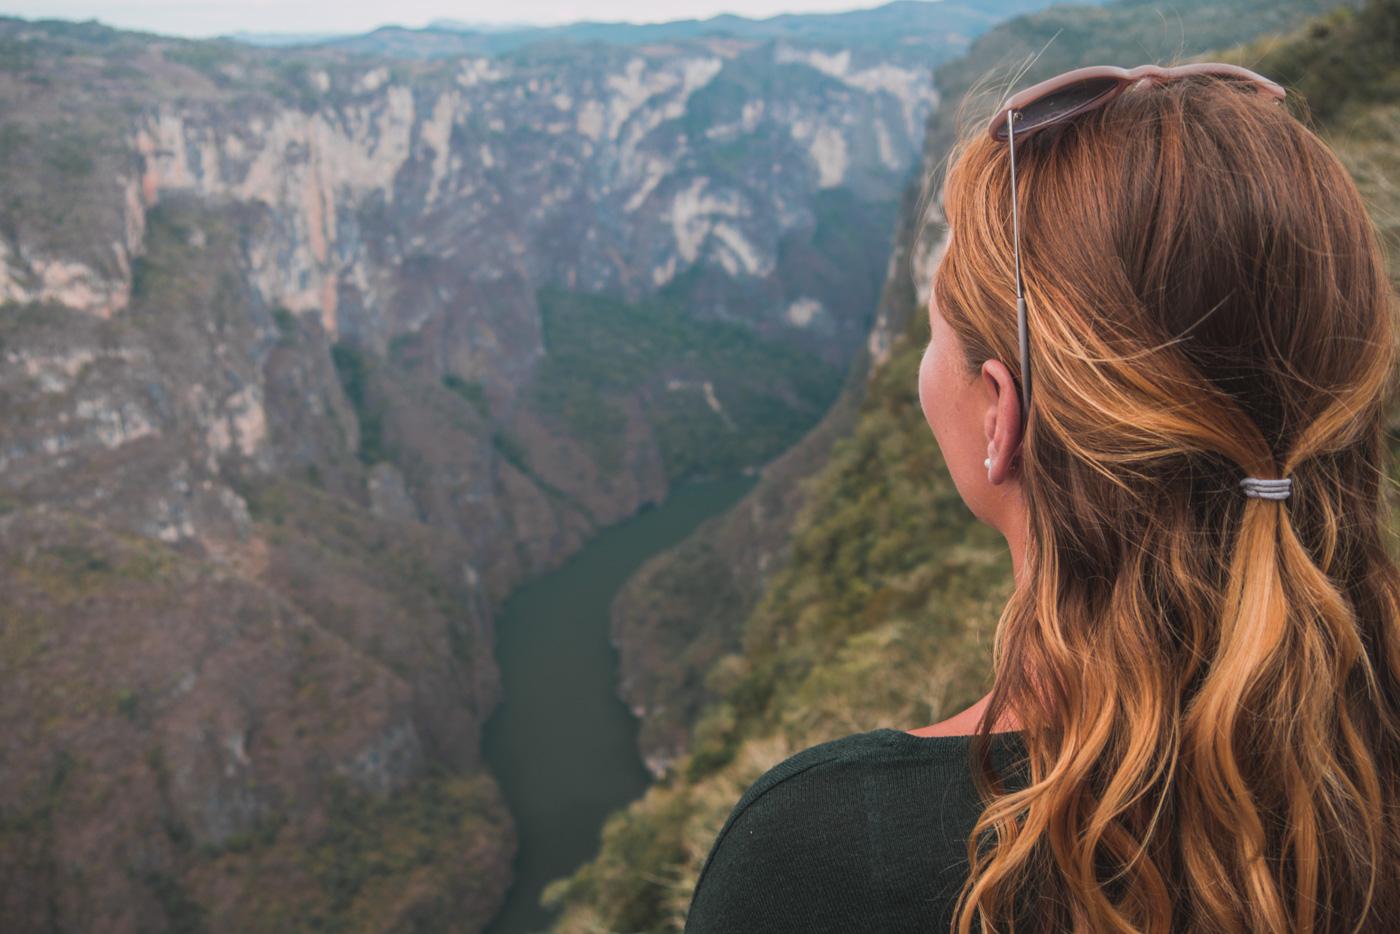 Julia und der Canyon del Sumidero in Chiapas